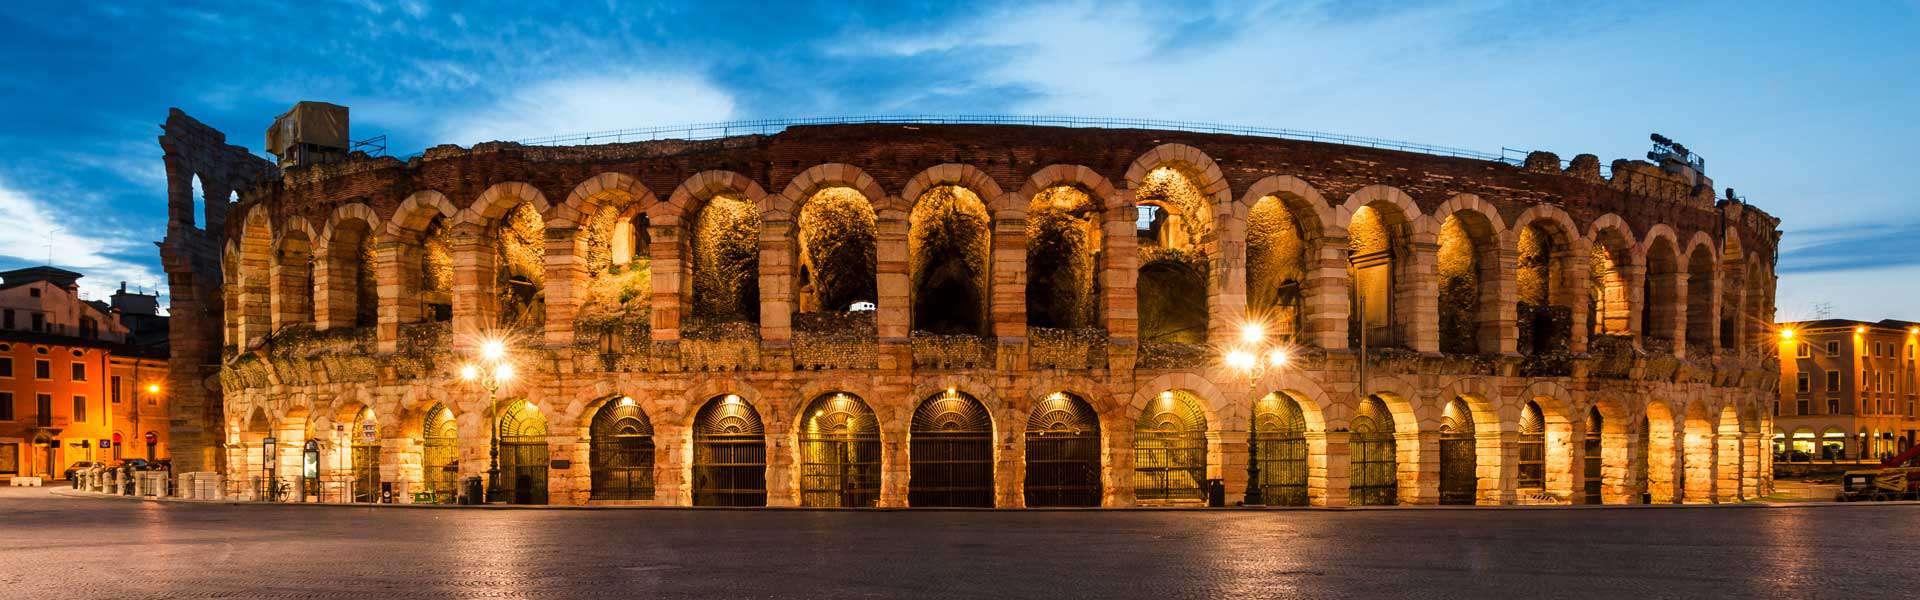 Im Jahr 30 n. Chr. errichtet, ist die Arena Verona eines der am besten erhaltene Amphitheater